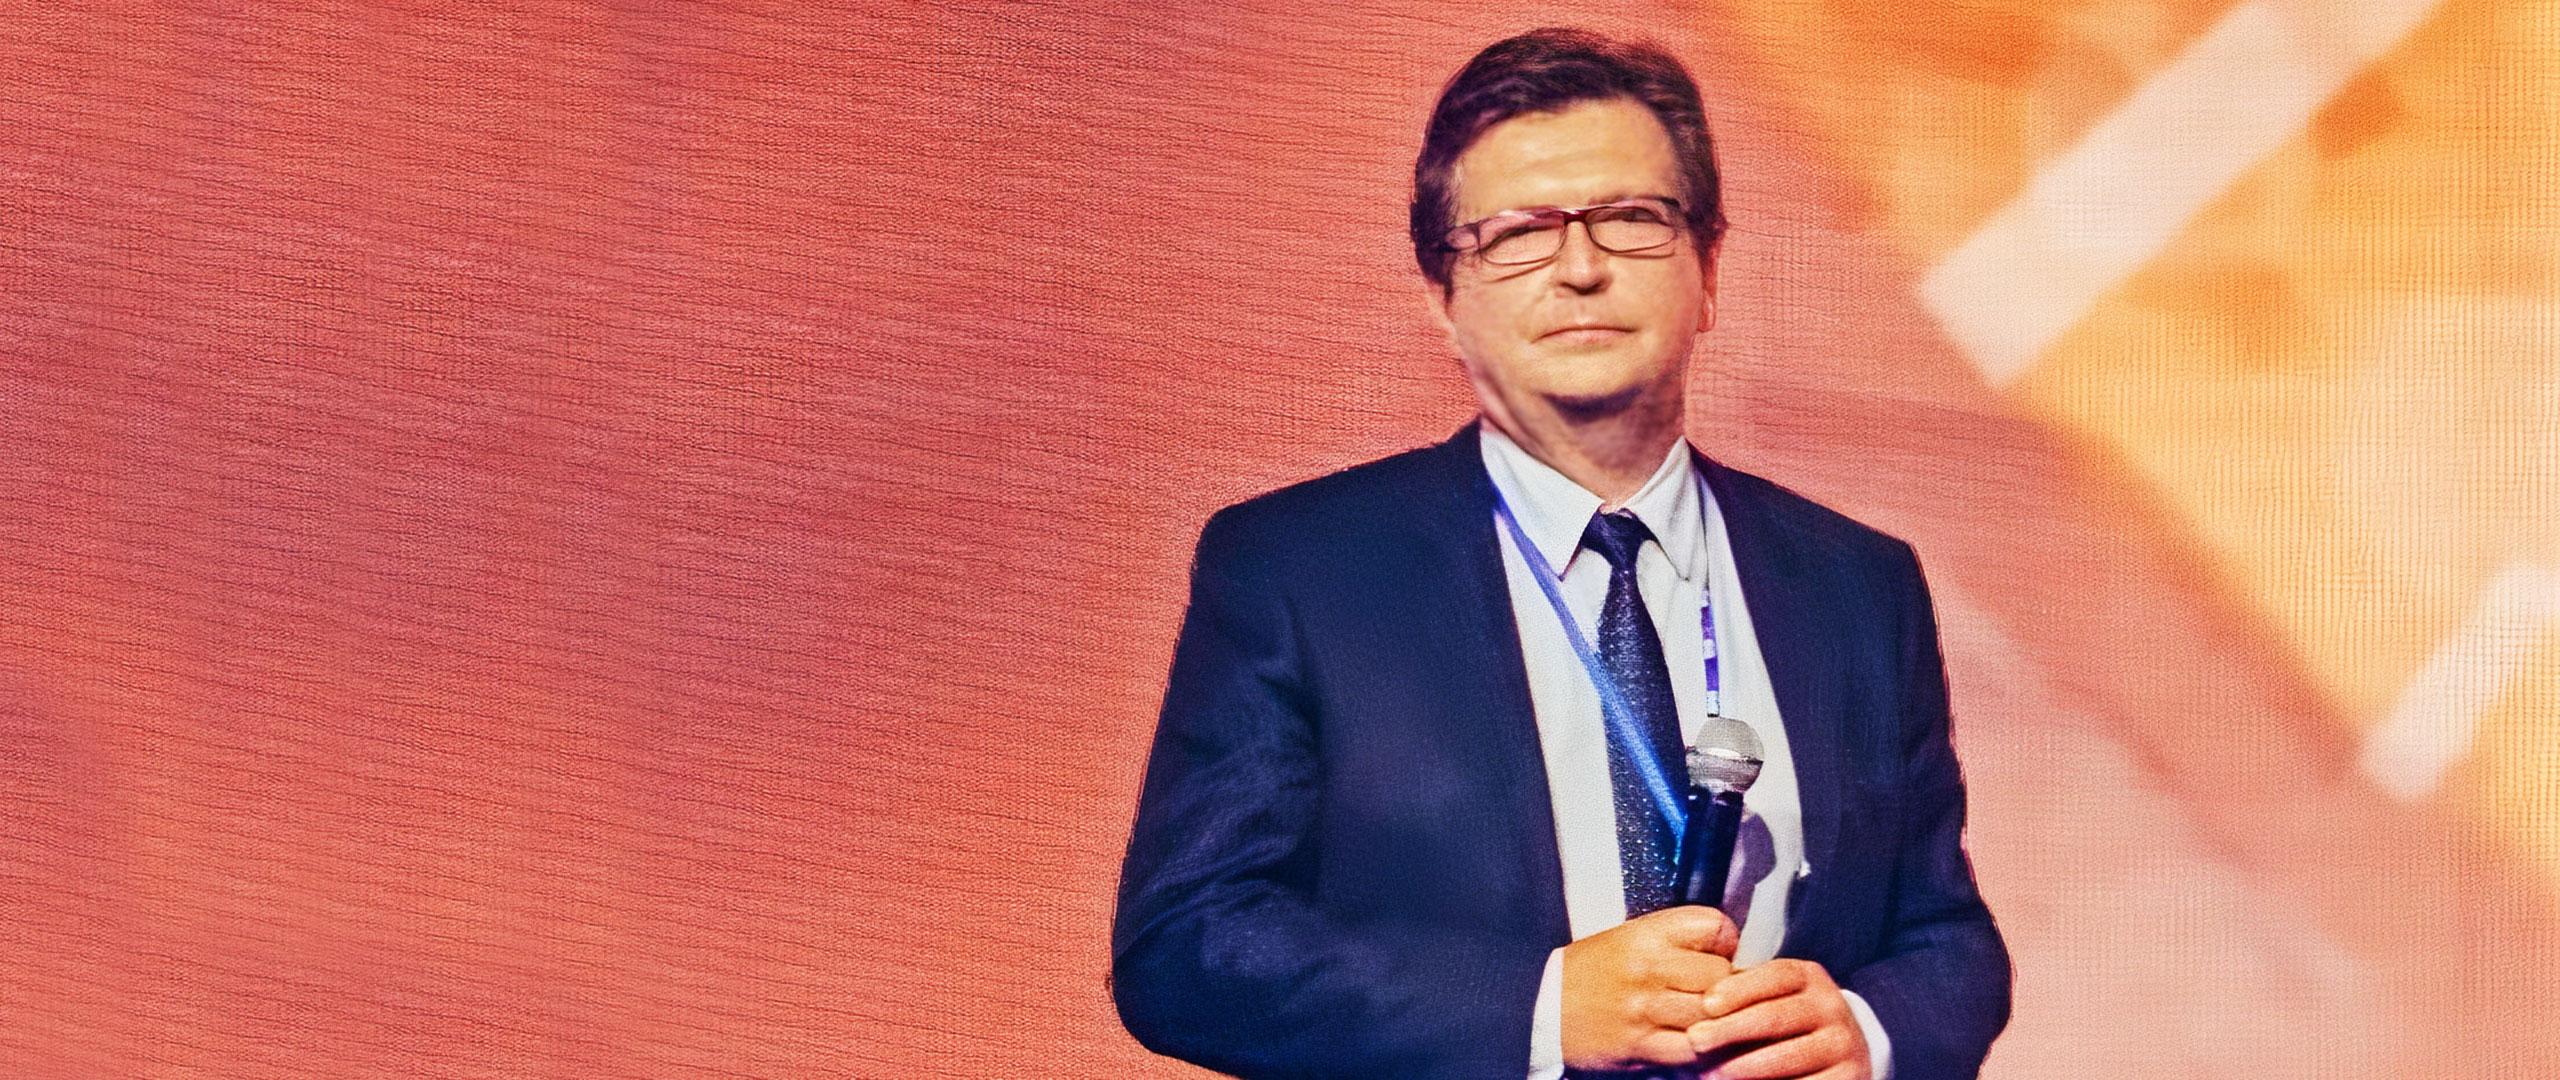 Tomasz Jednacz